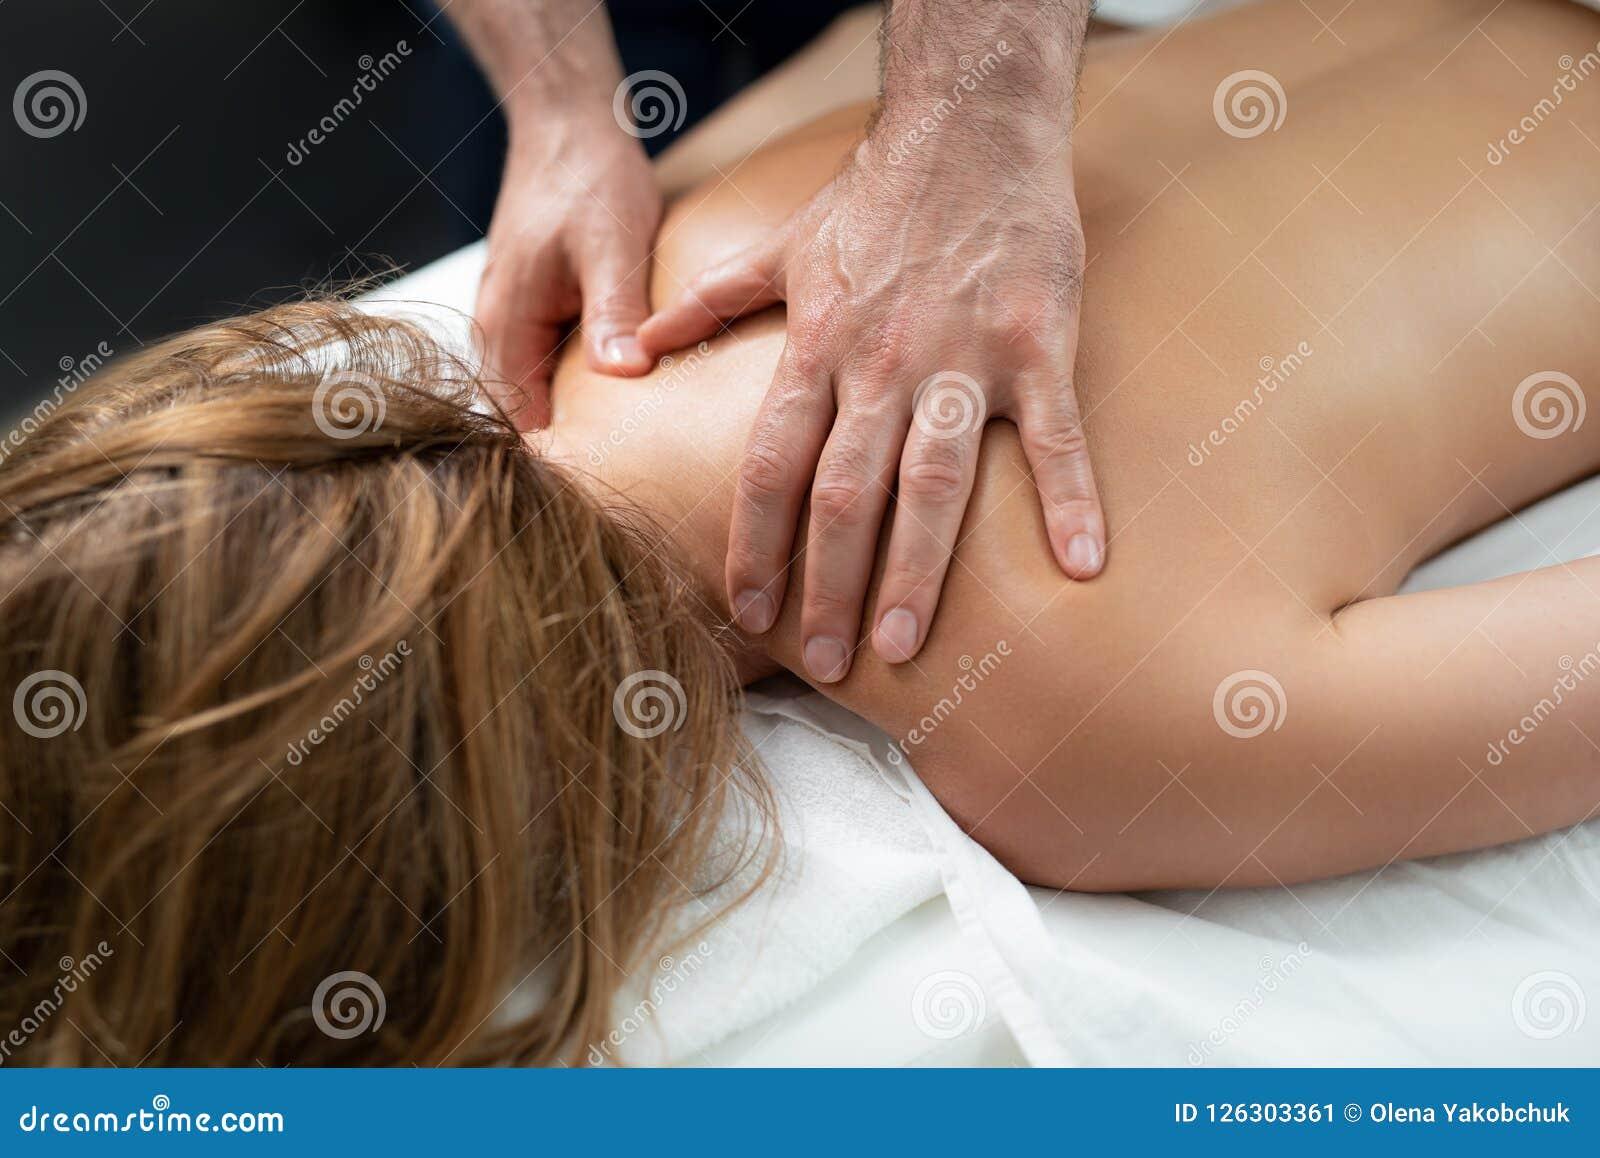 Massage female naked Nu